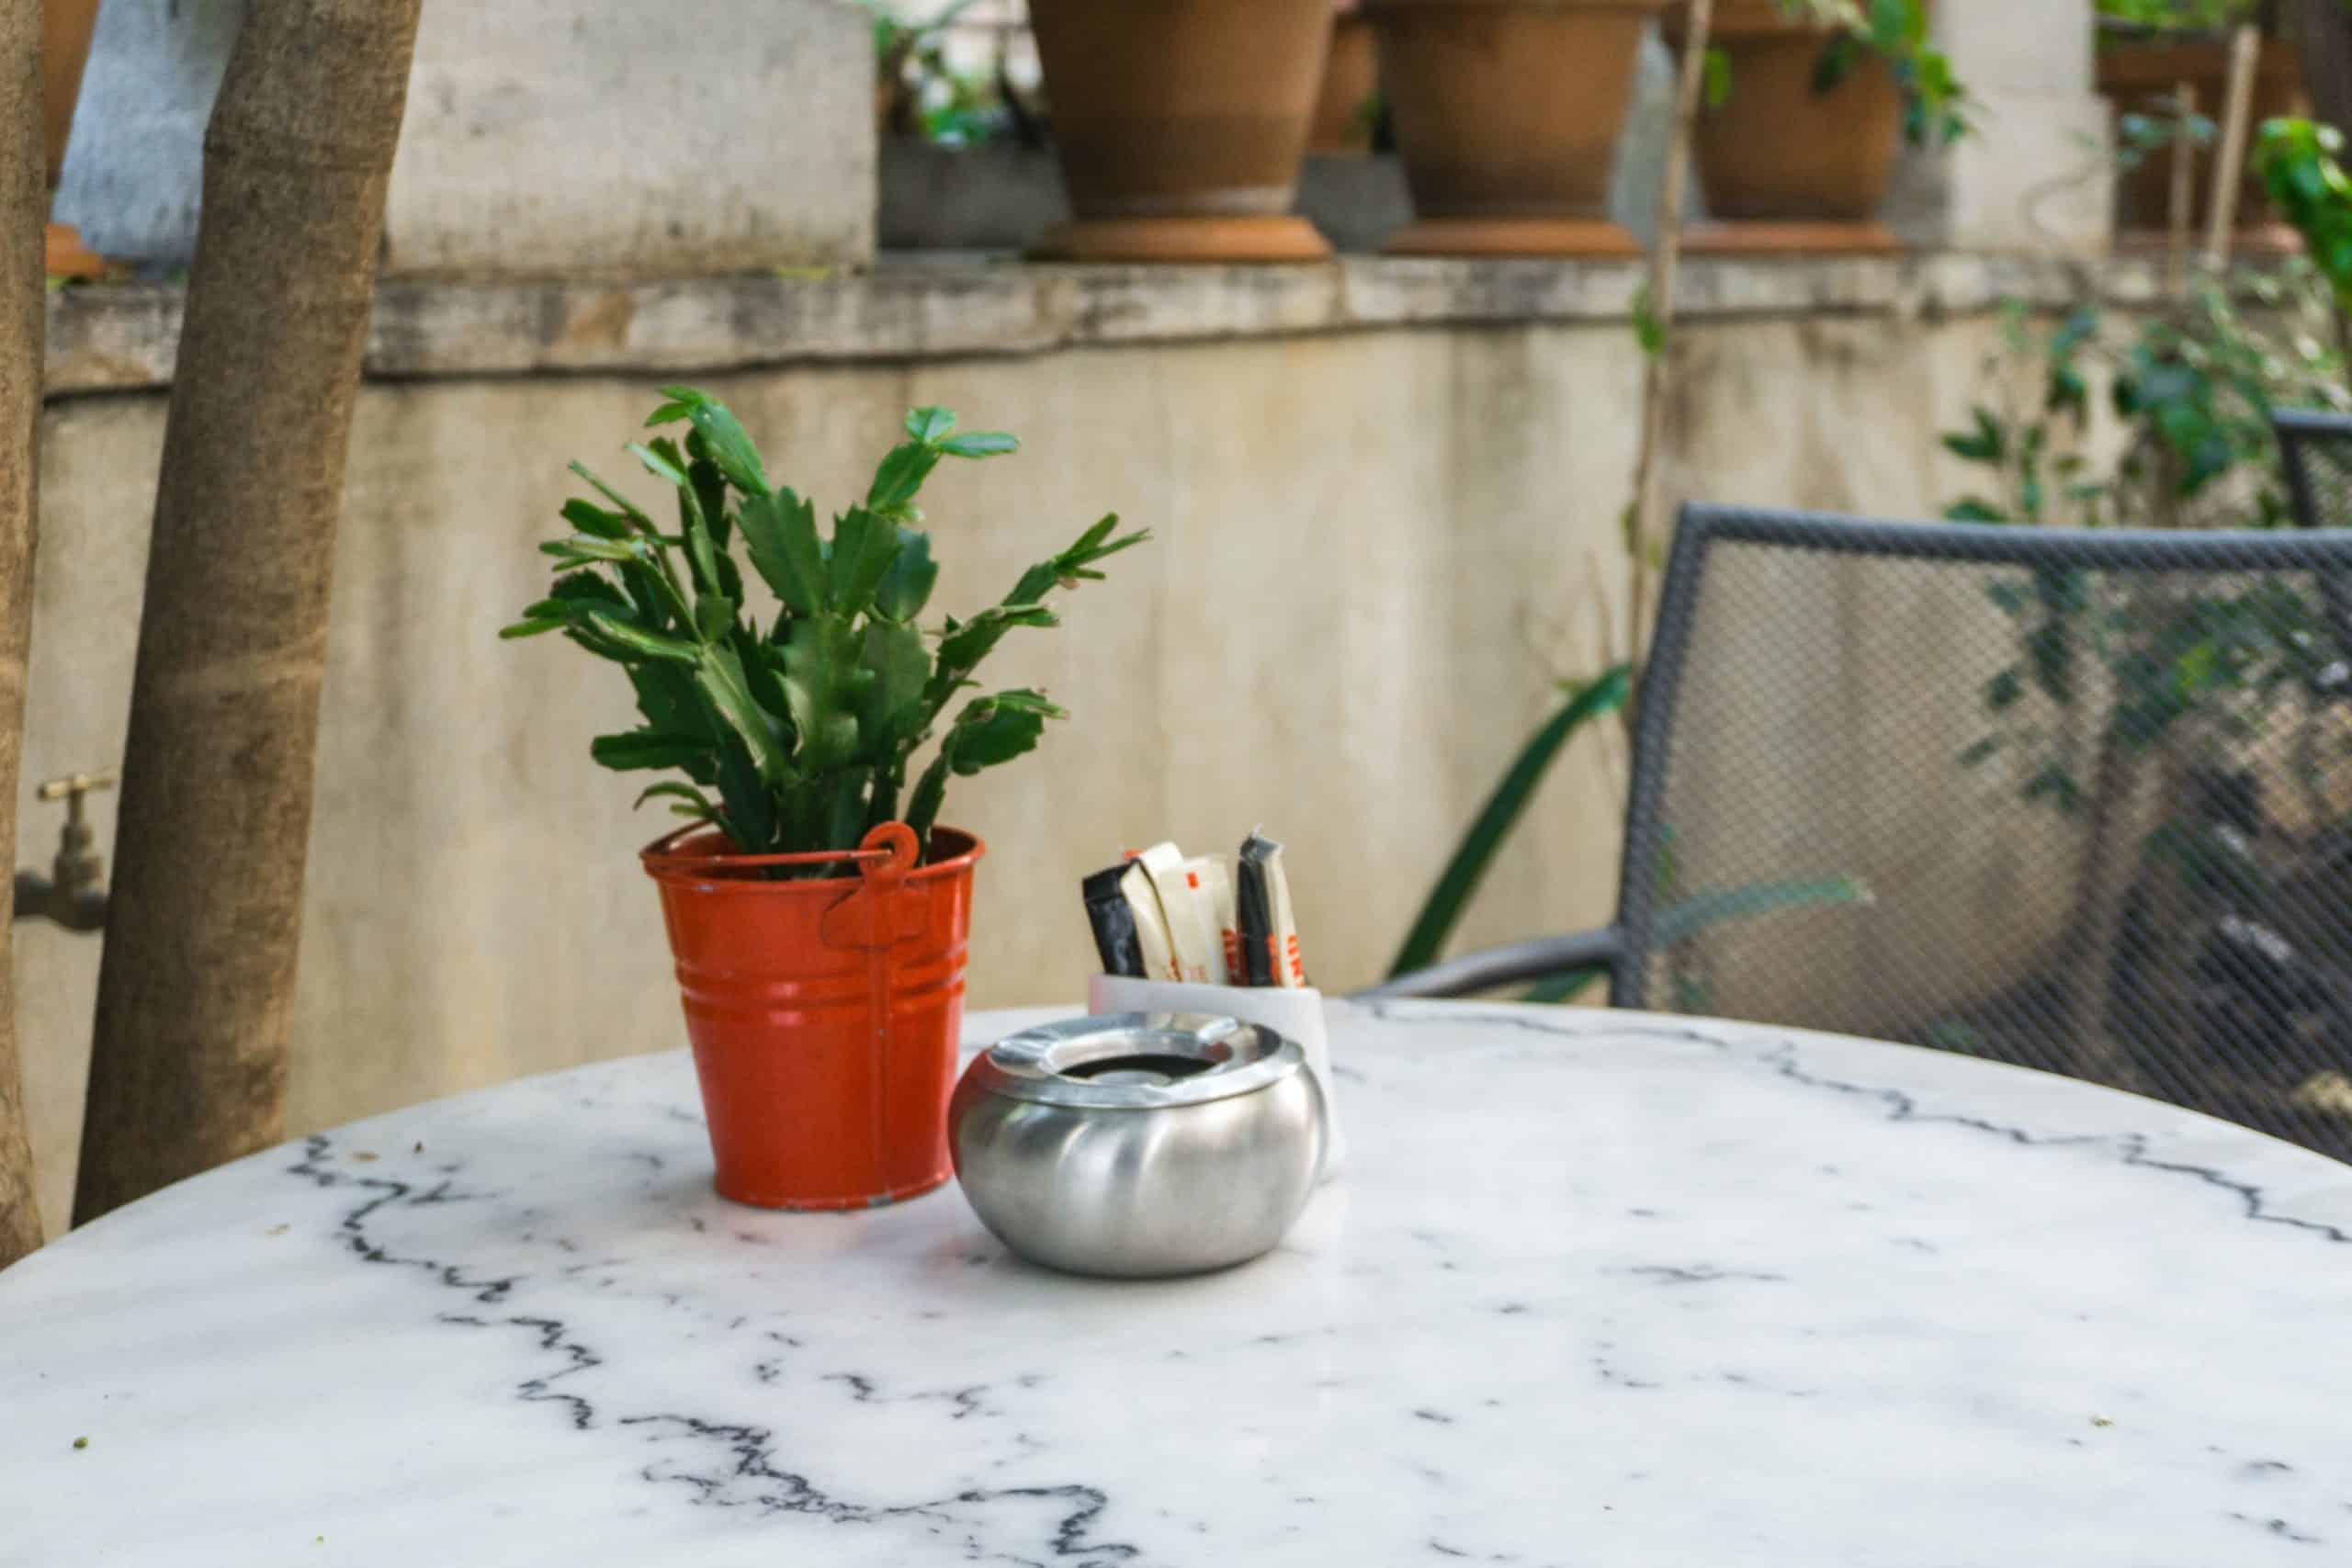 marbre, 6 astuces pour nettoyer et entretenir du marbre